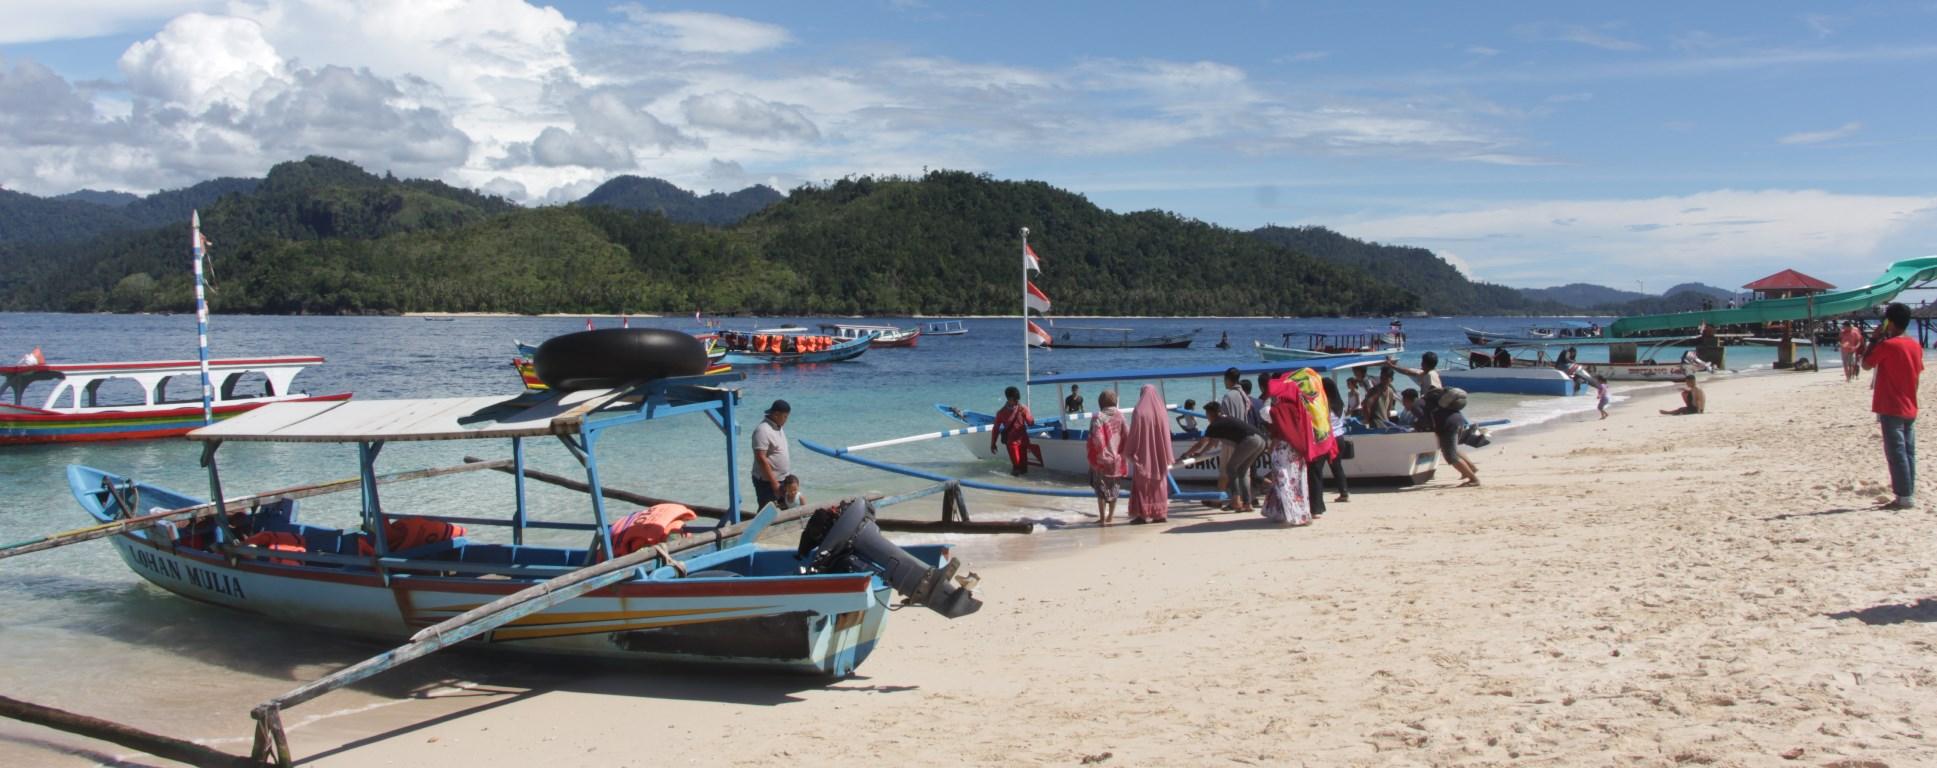 Paket Tour Pulau Sirandah – Padang – Bukittinggi 3D2N A